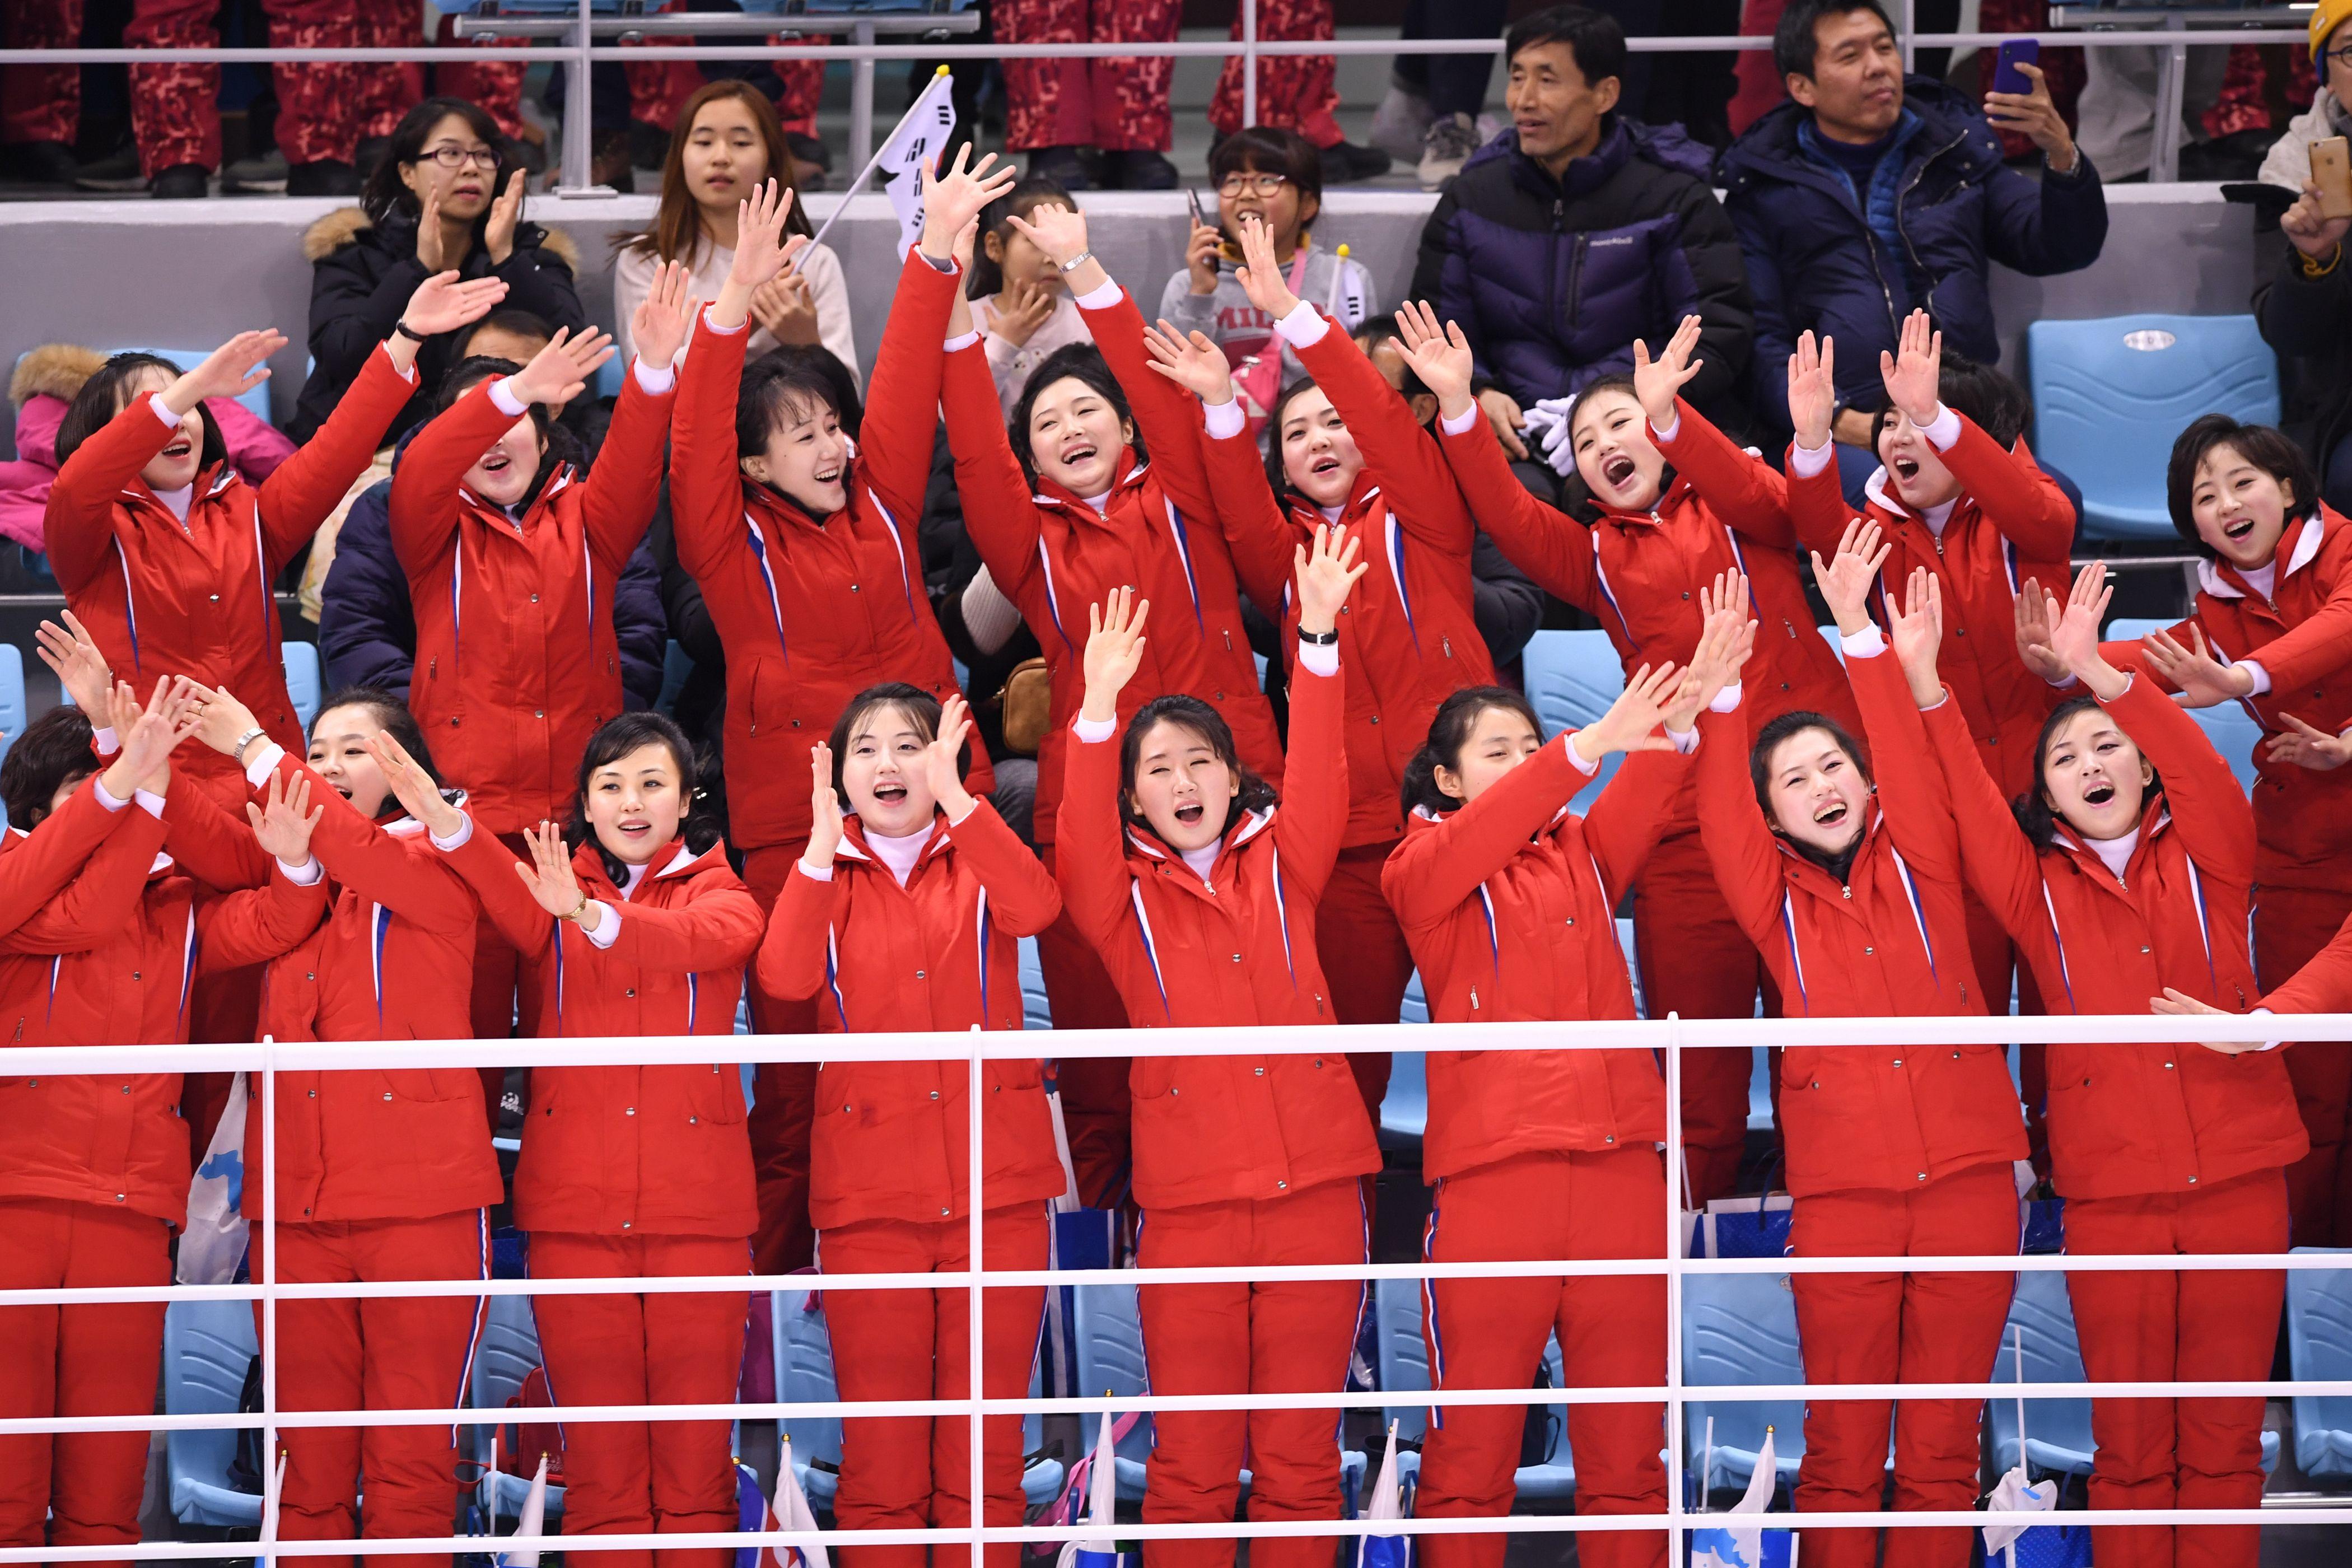 Jogos Olímpicos de Inverno na Coreia do Sul foram alvo de ciberataque